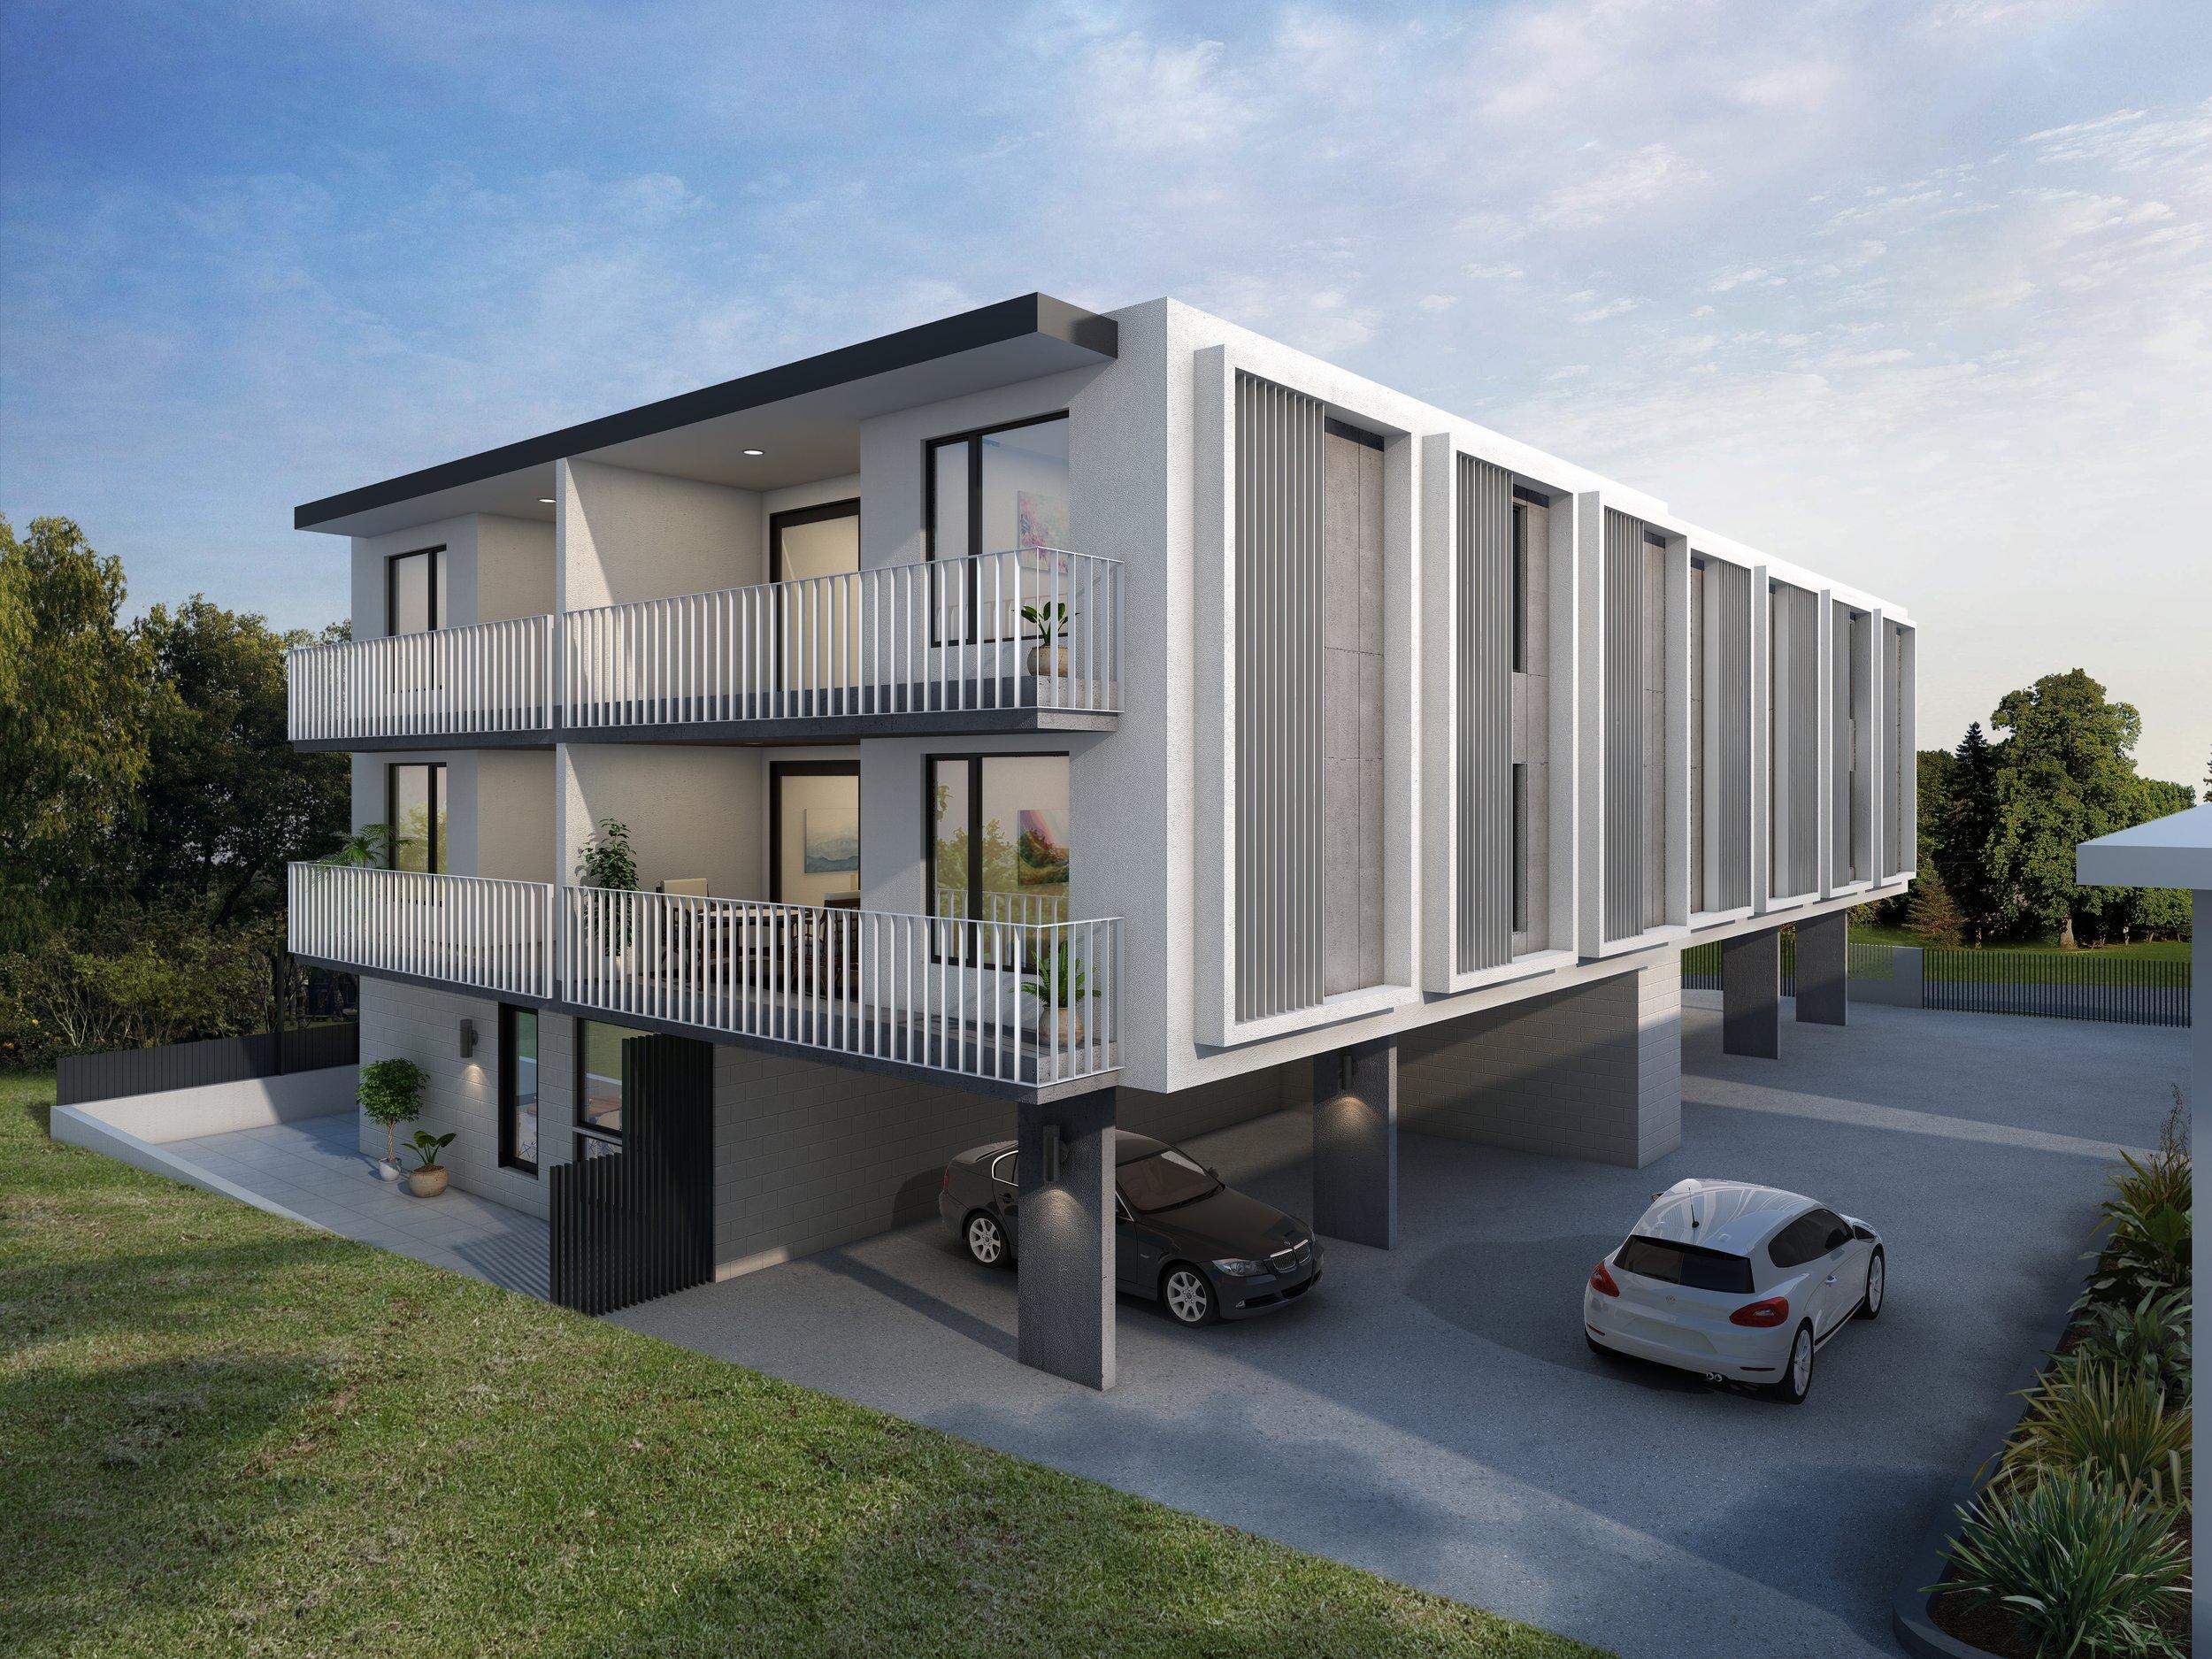 5776 59 61 Grosvenor Street, Hobart S15581 c2 0301 FI.jpg